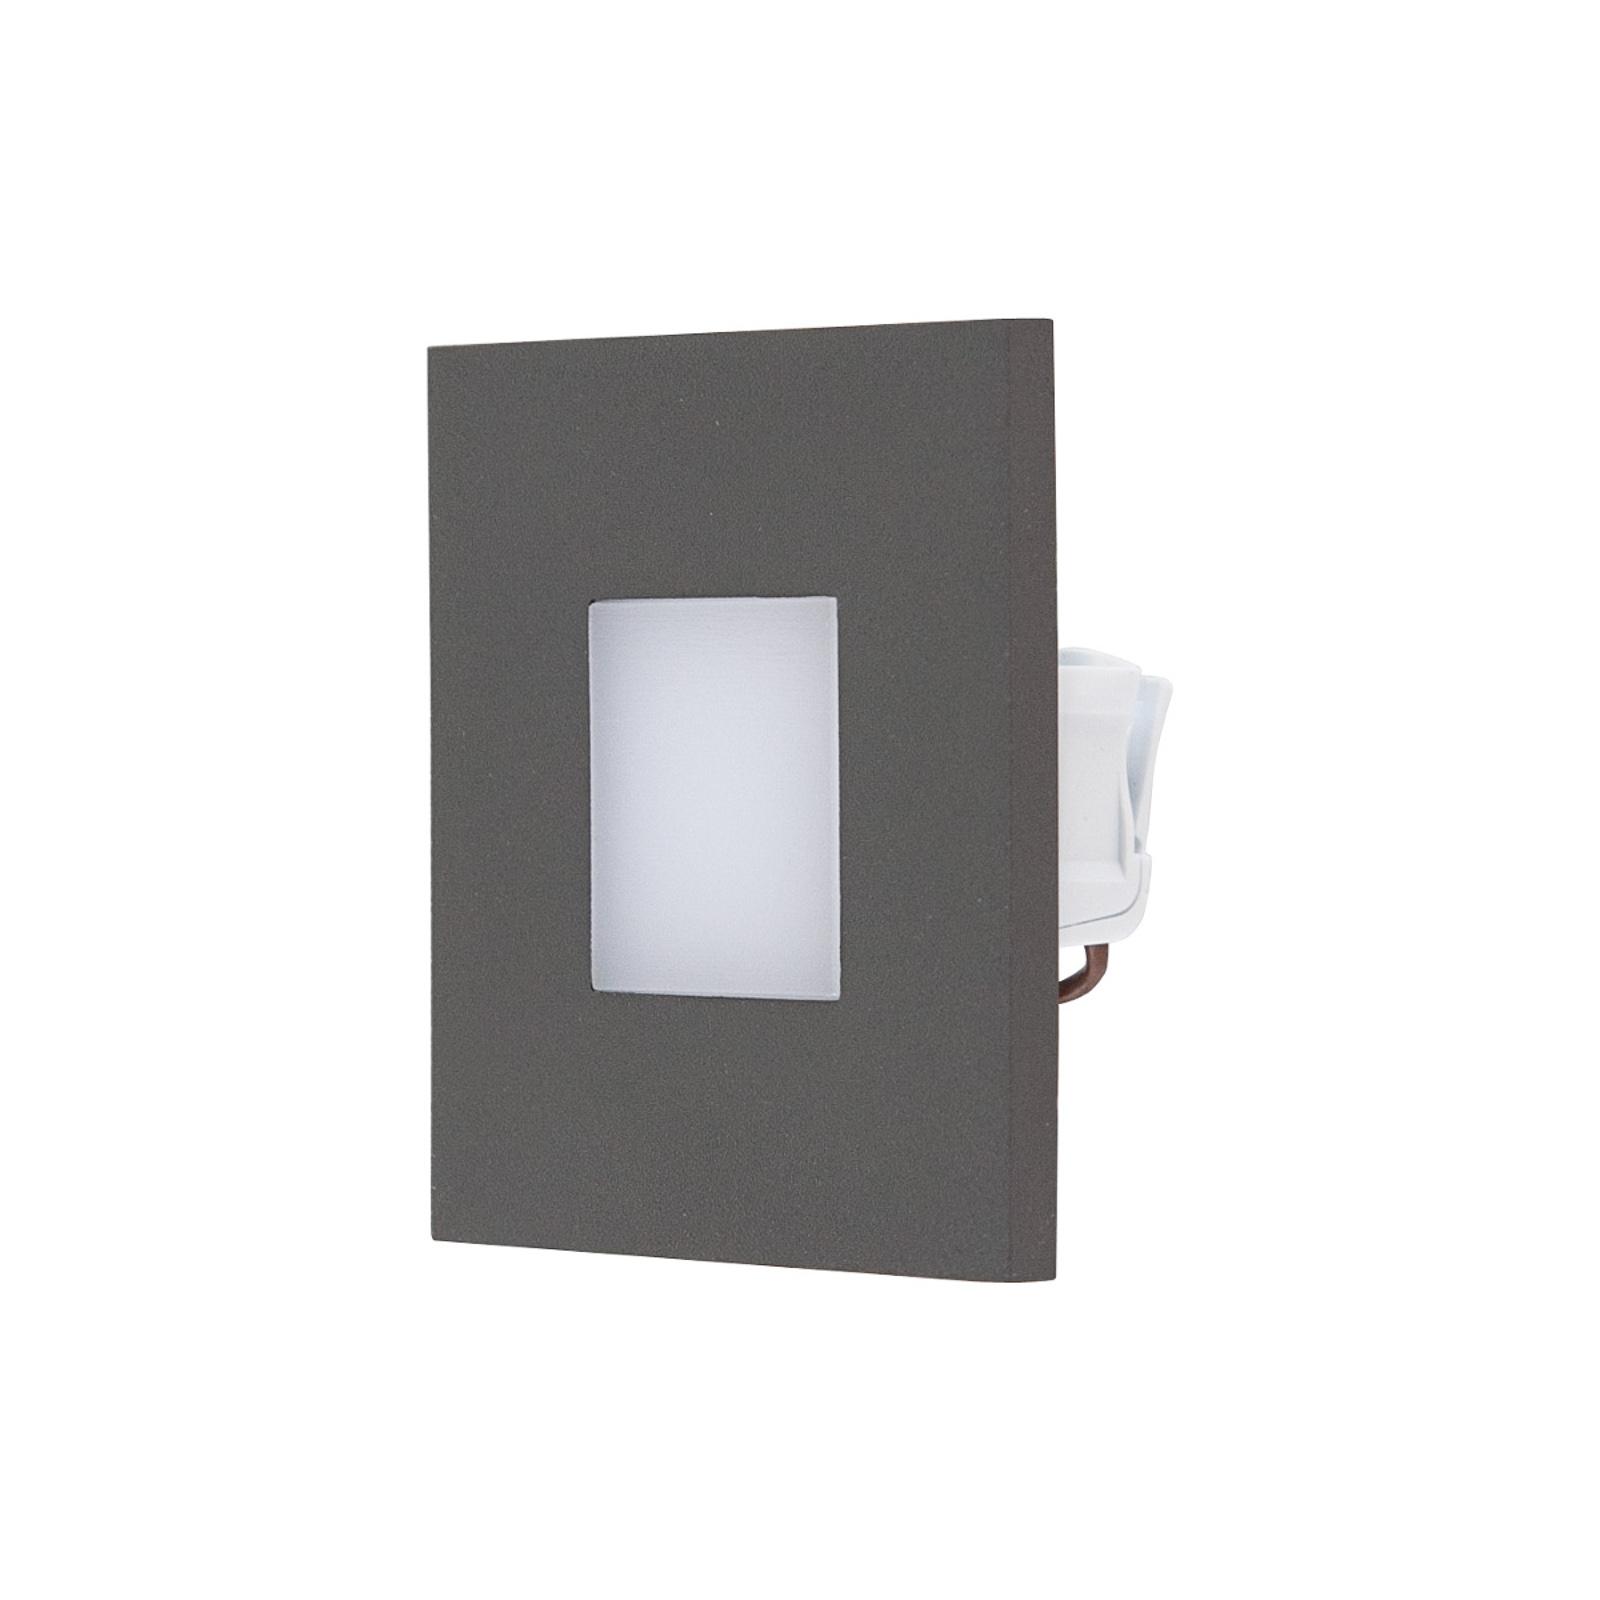 EVN LQ230 LED-Wandeinbauleuchte direkt anthrazit